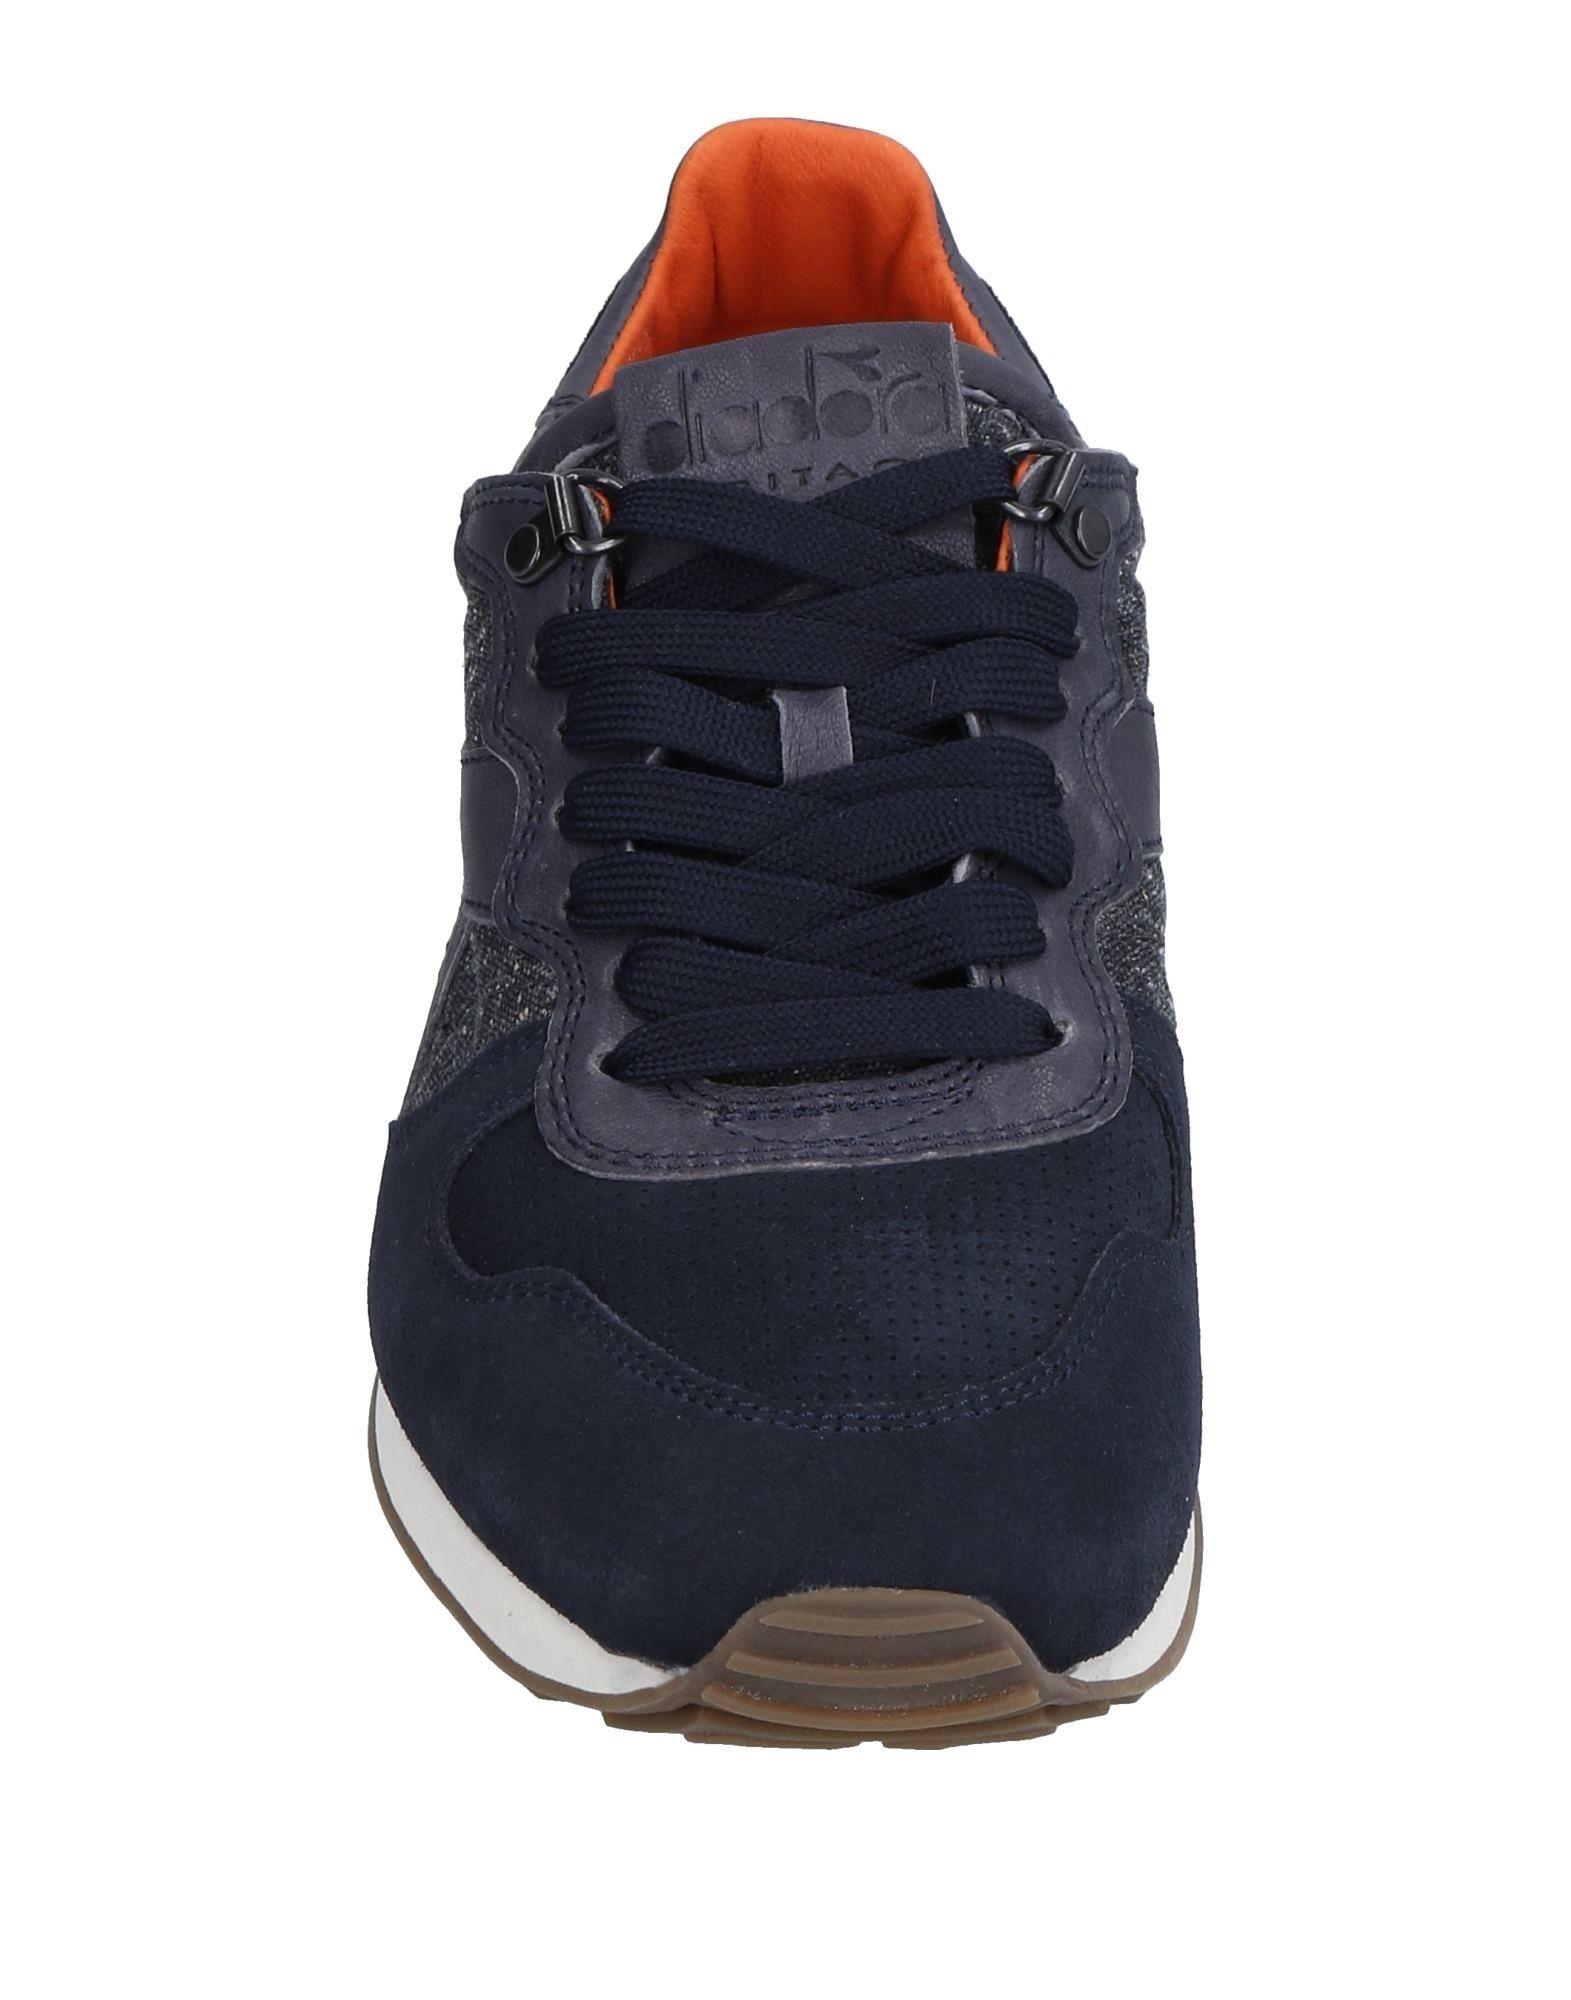 Rabatt echte Schuhe Herren Diadora Heritage Sneakers Herren Schuhe  11509528QX ee349f